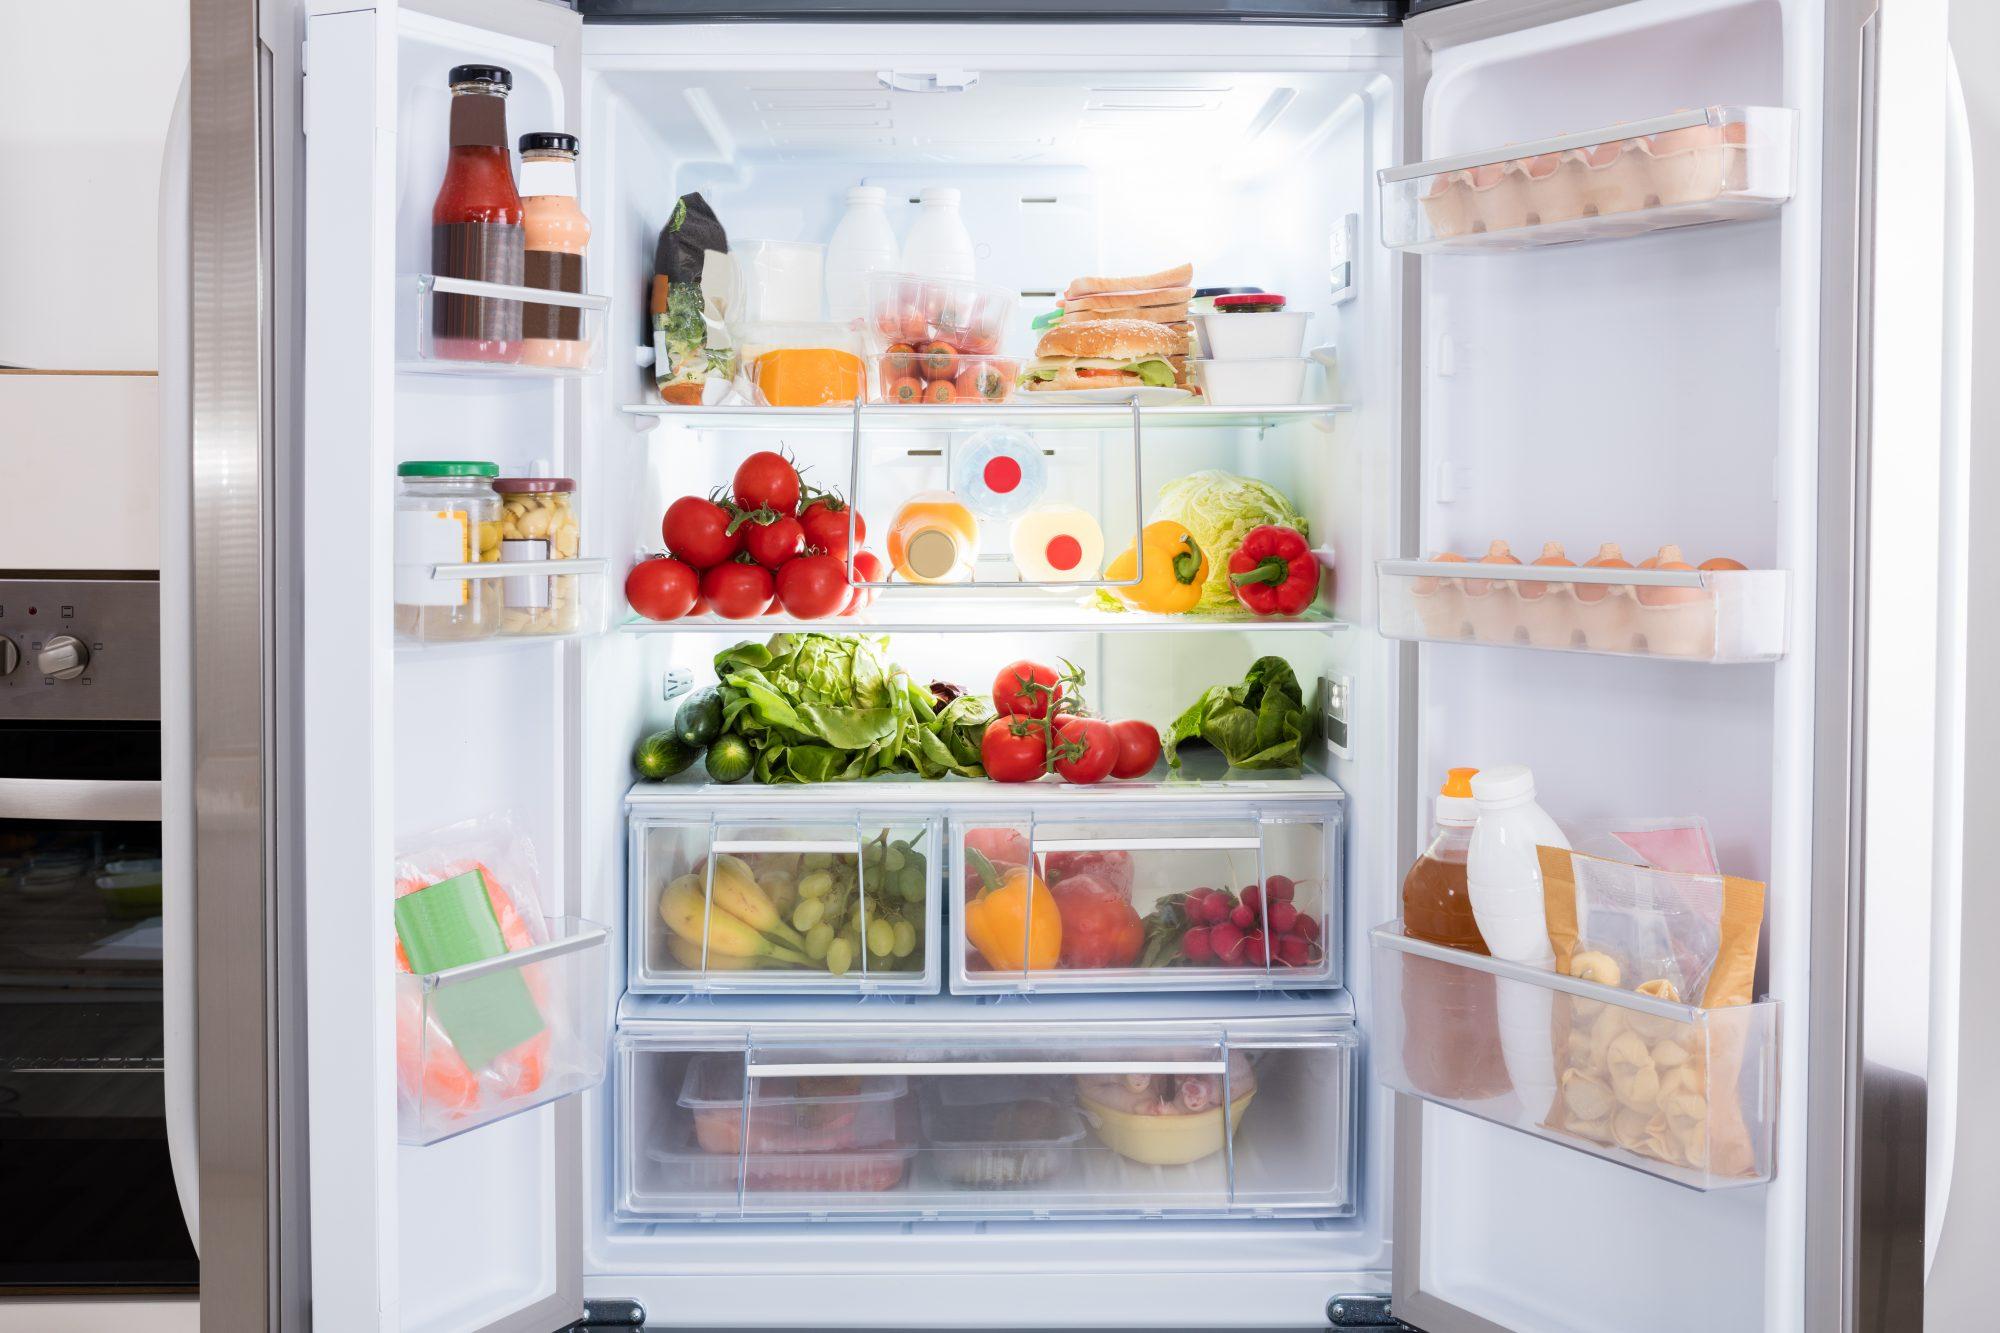 getty-open-fridge-image